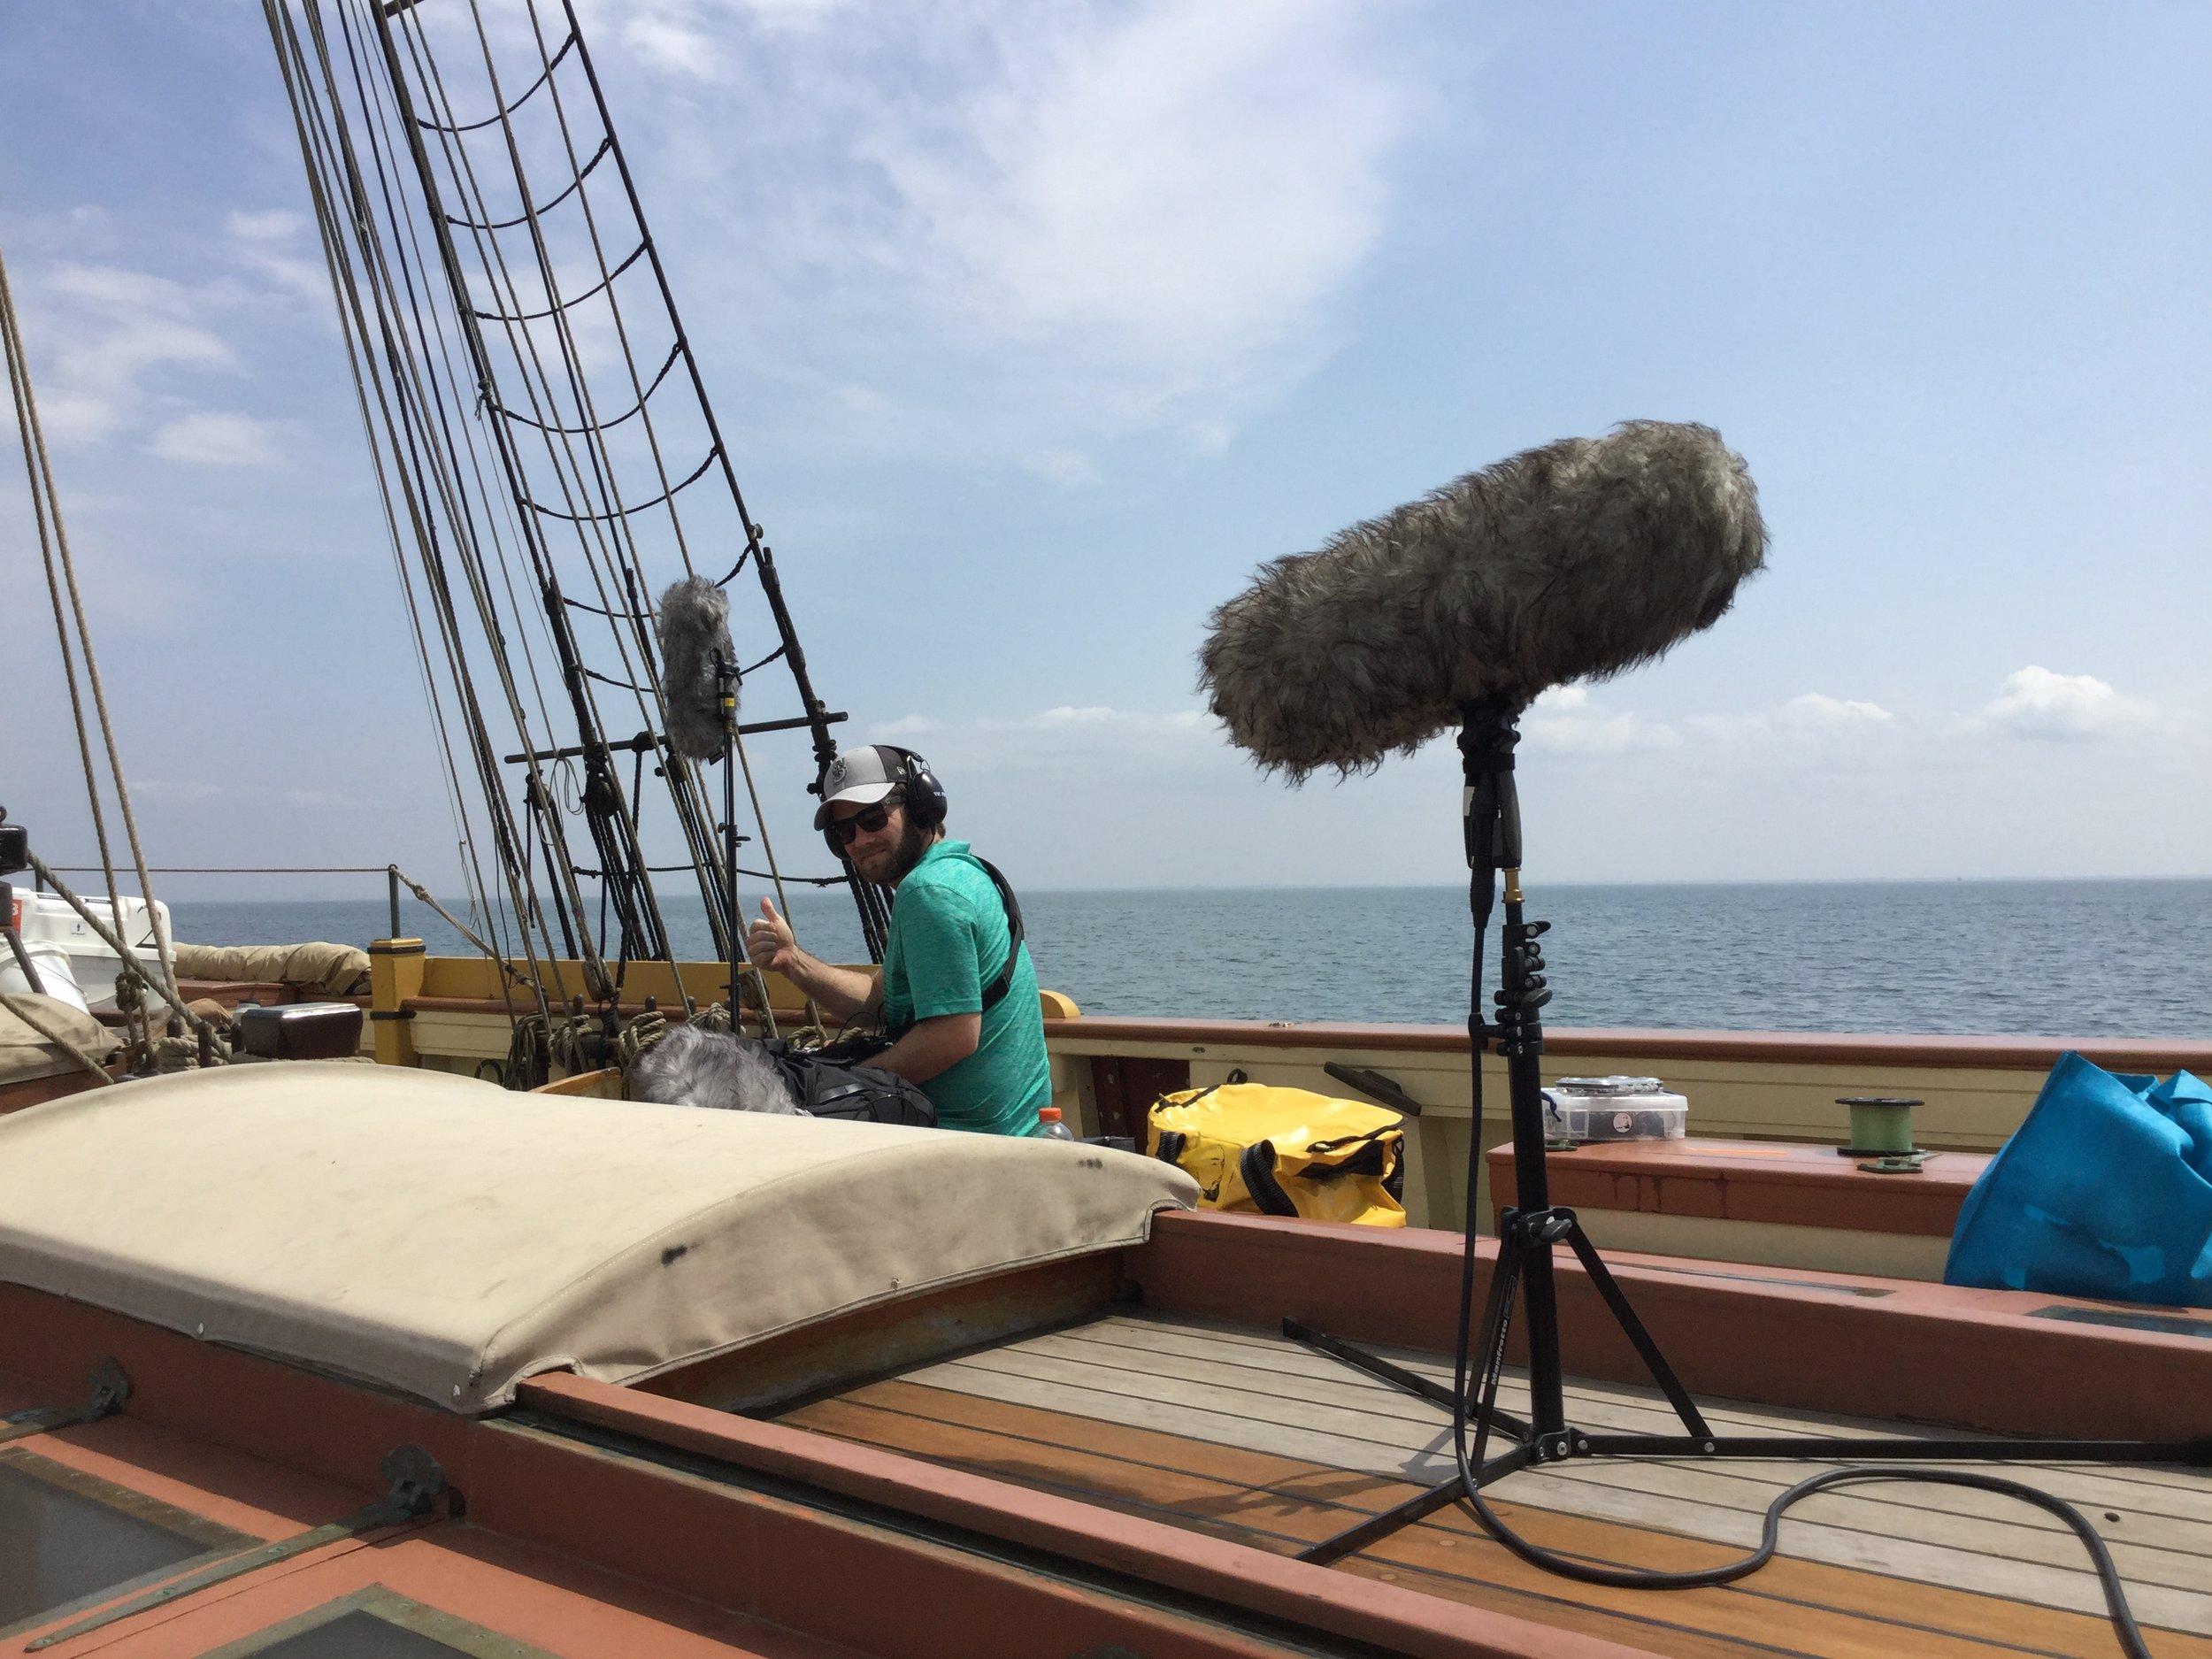 IMG_0332 Stephen Baker & Recording Rig.JPG